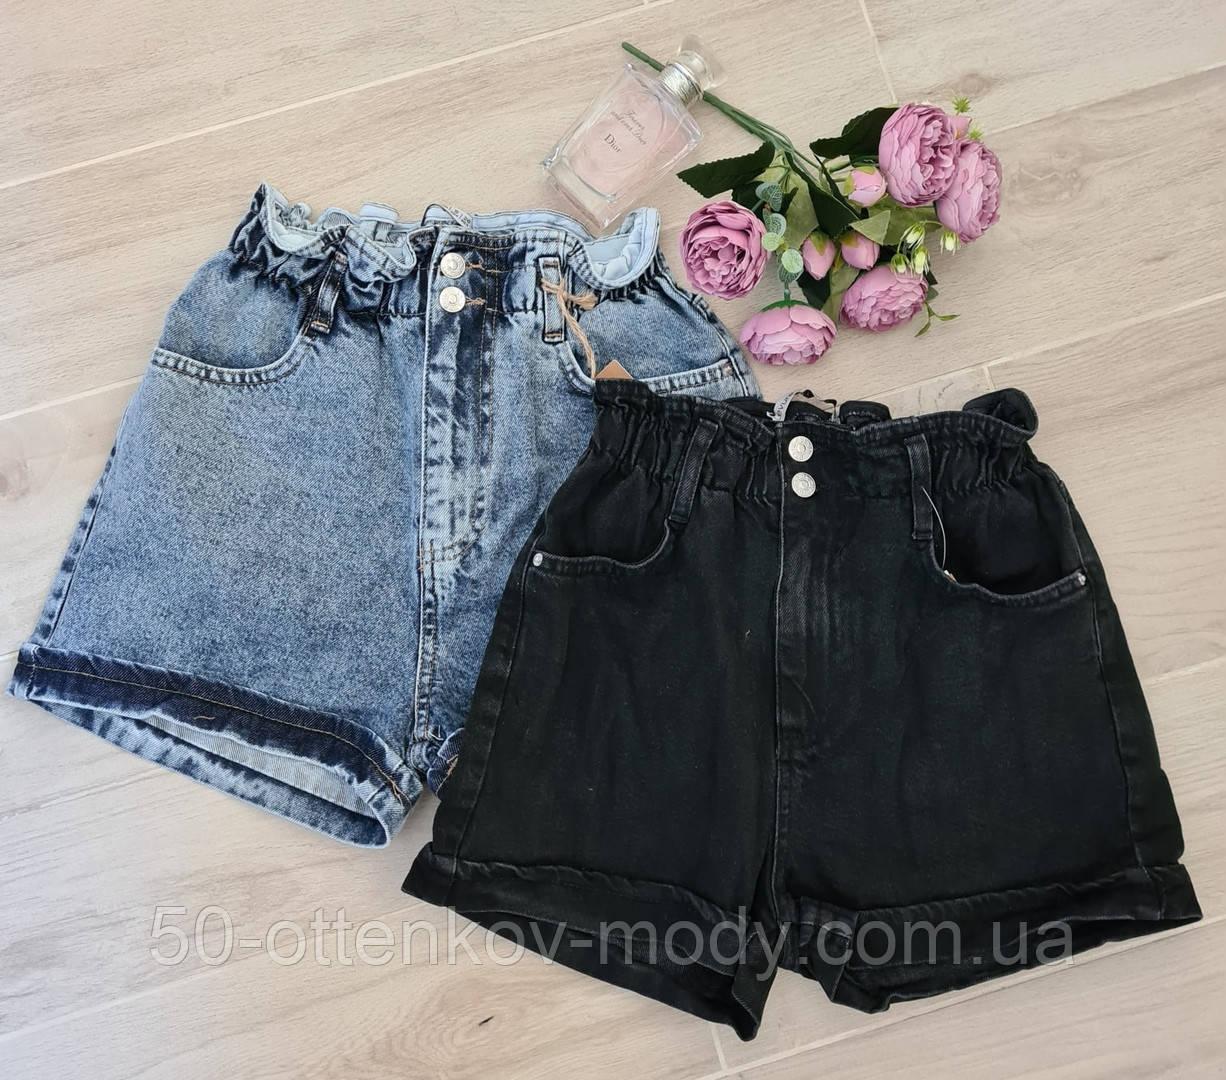 Женские стильные джинсовые шорты с высокой посадкой